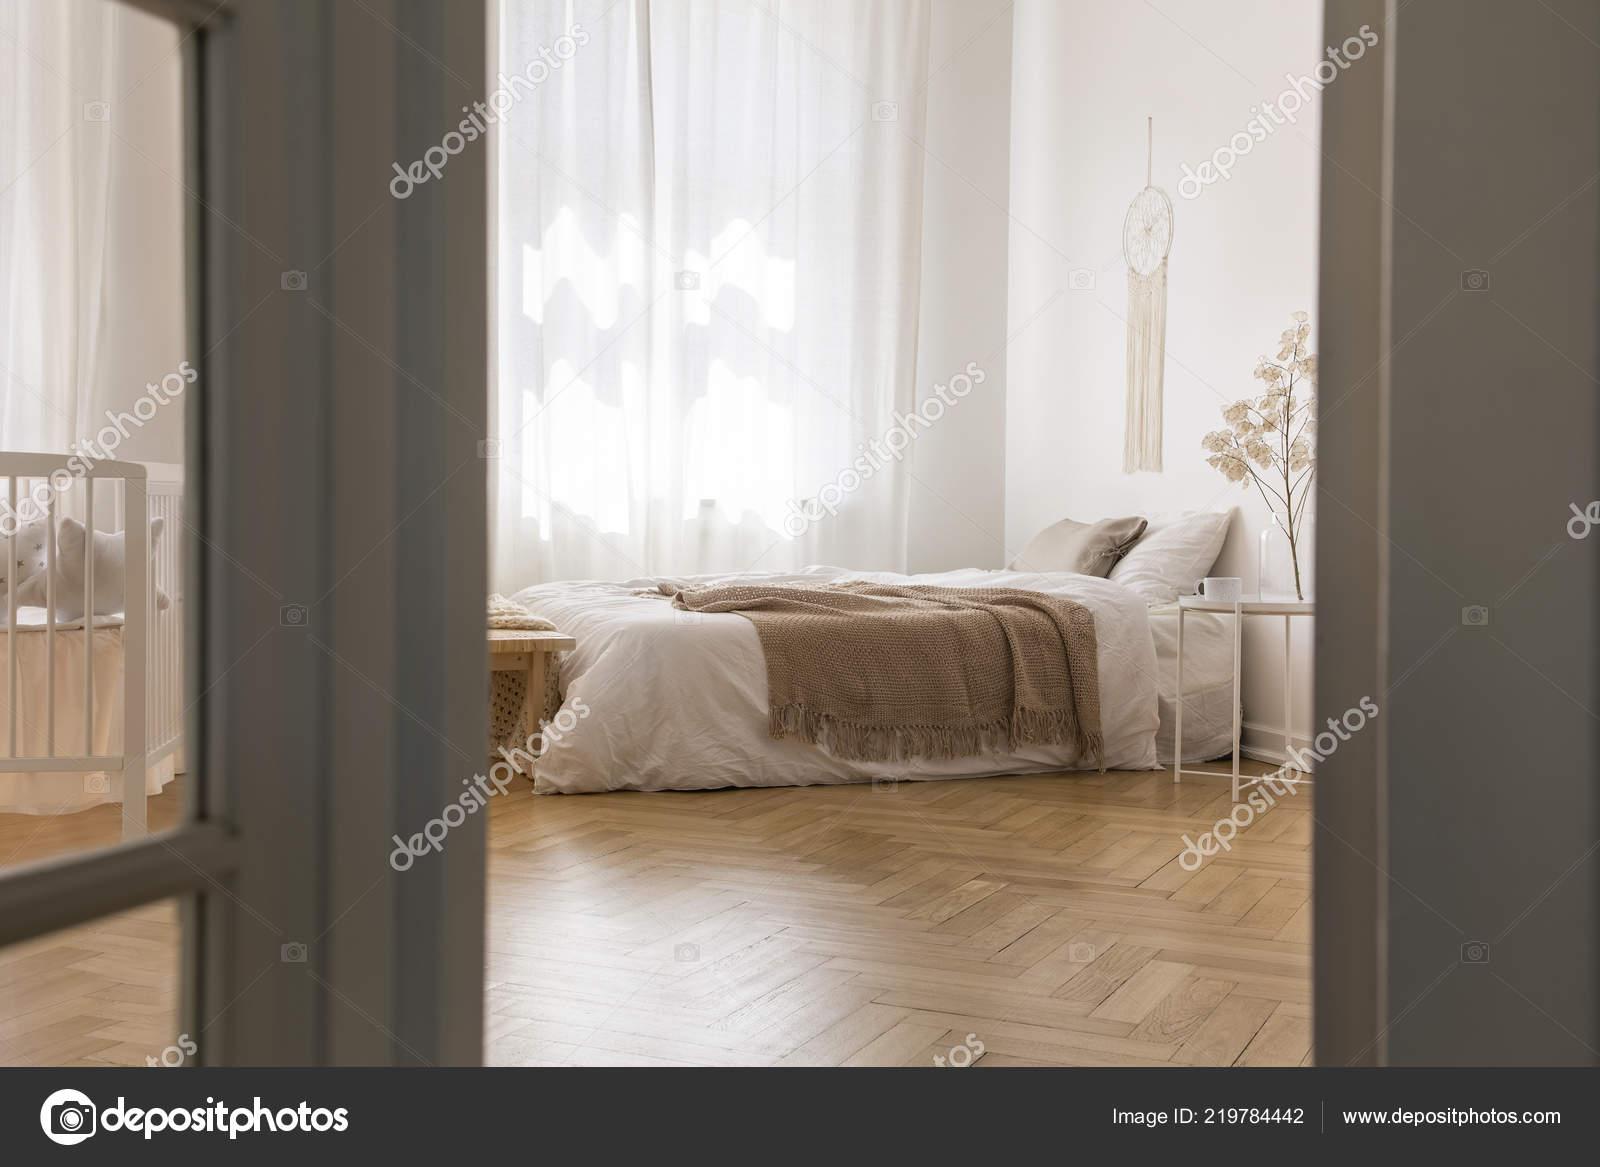 реальные фото интерьер яркие спальни паркета елочкой двуспальная